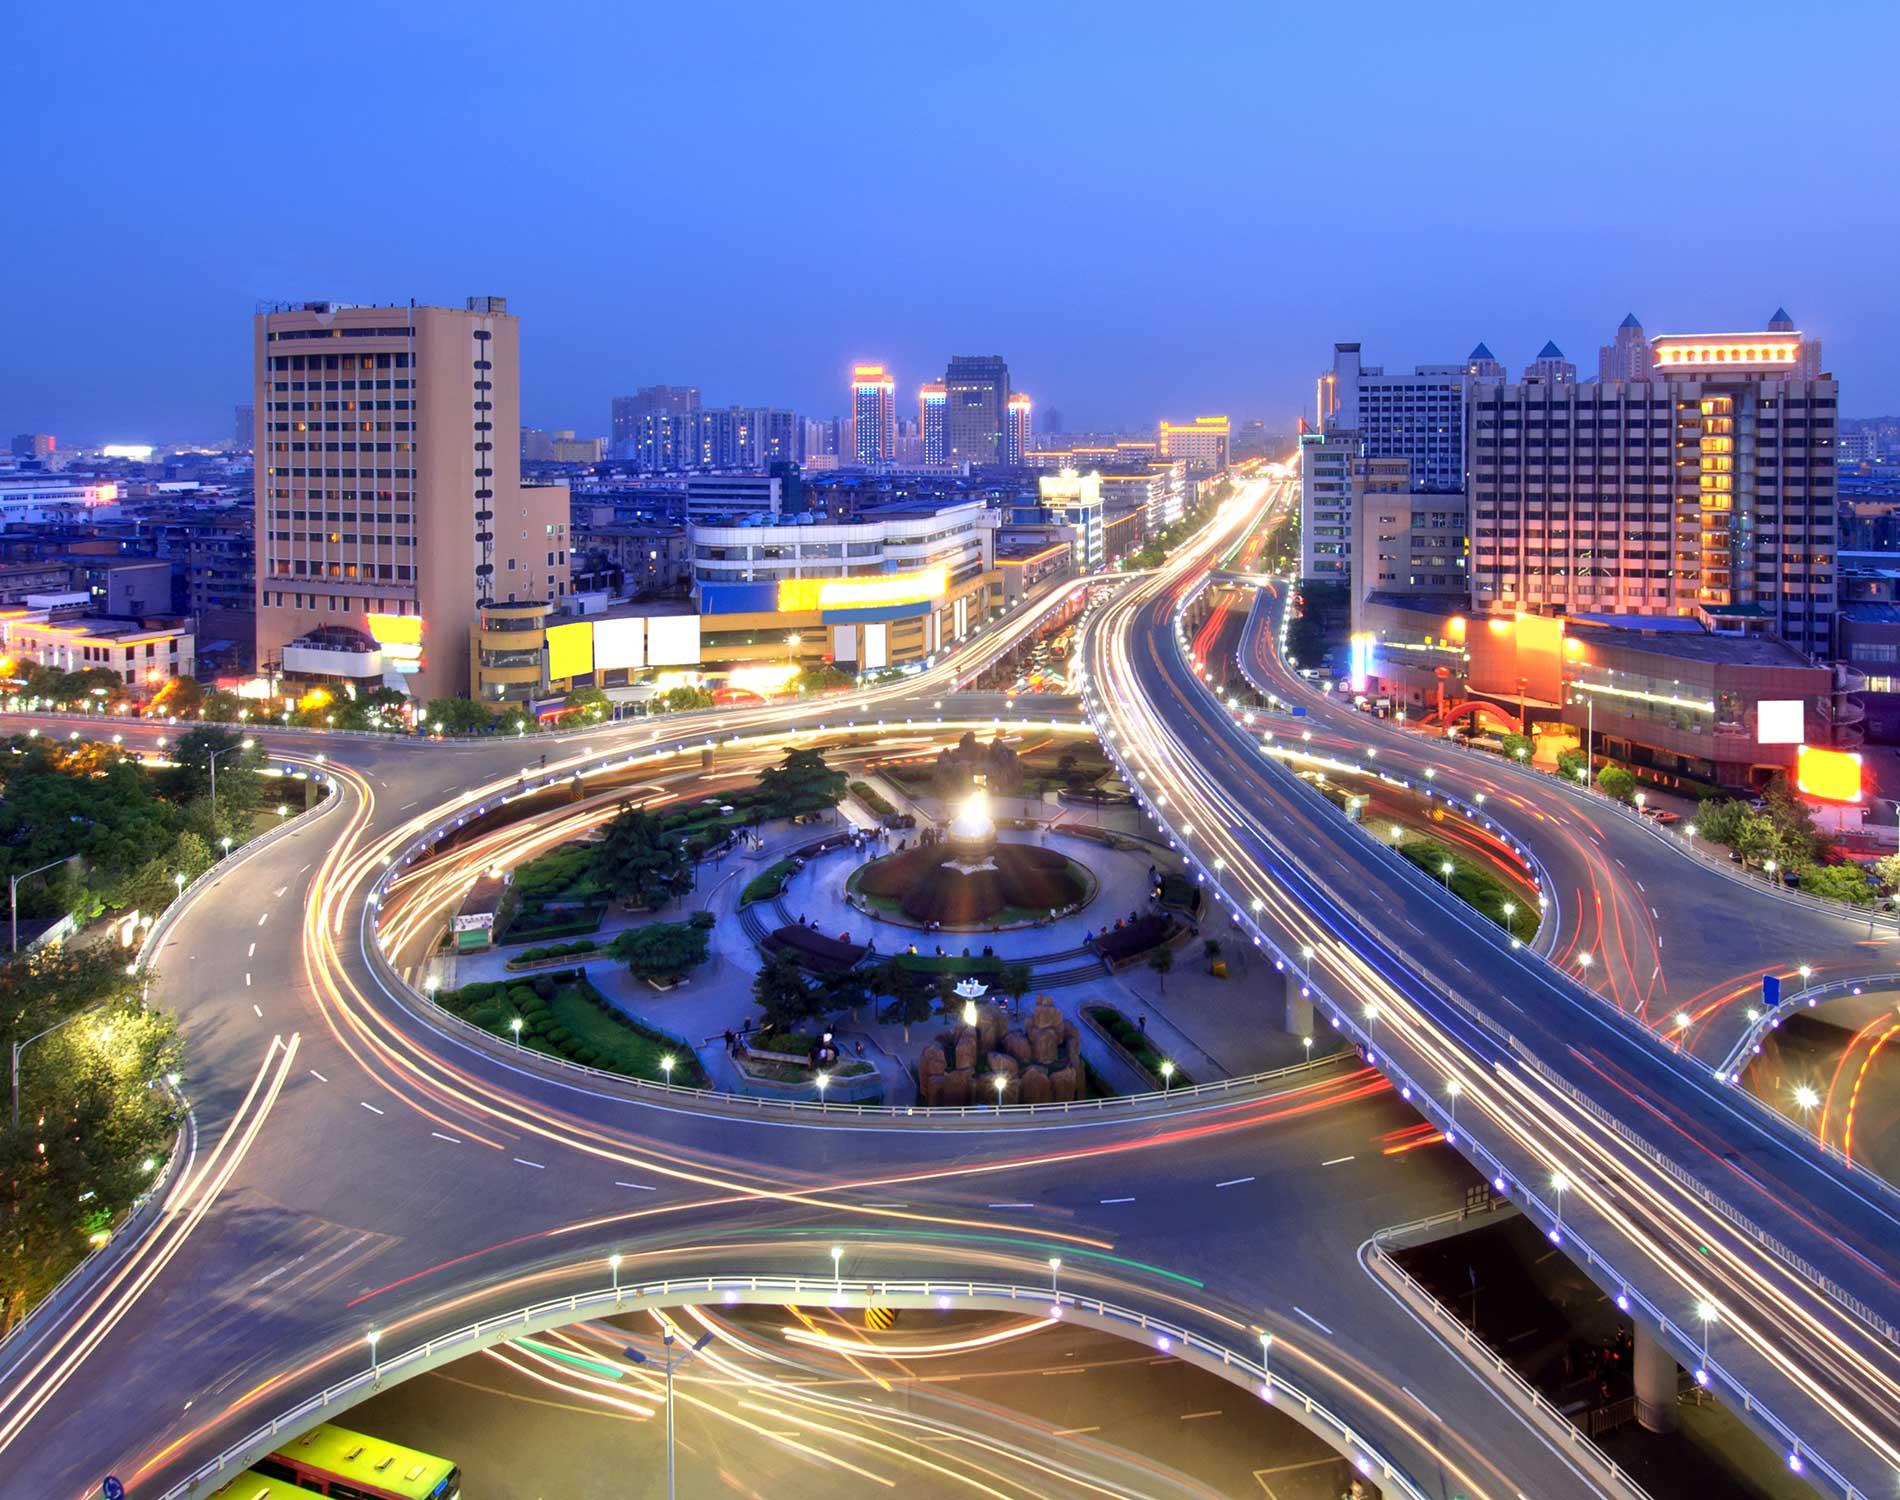 Nanchang Visit Jiangxi East China China Asia Jiangxi province East ...